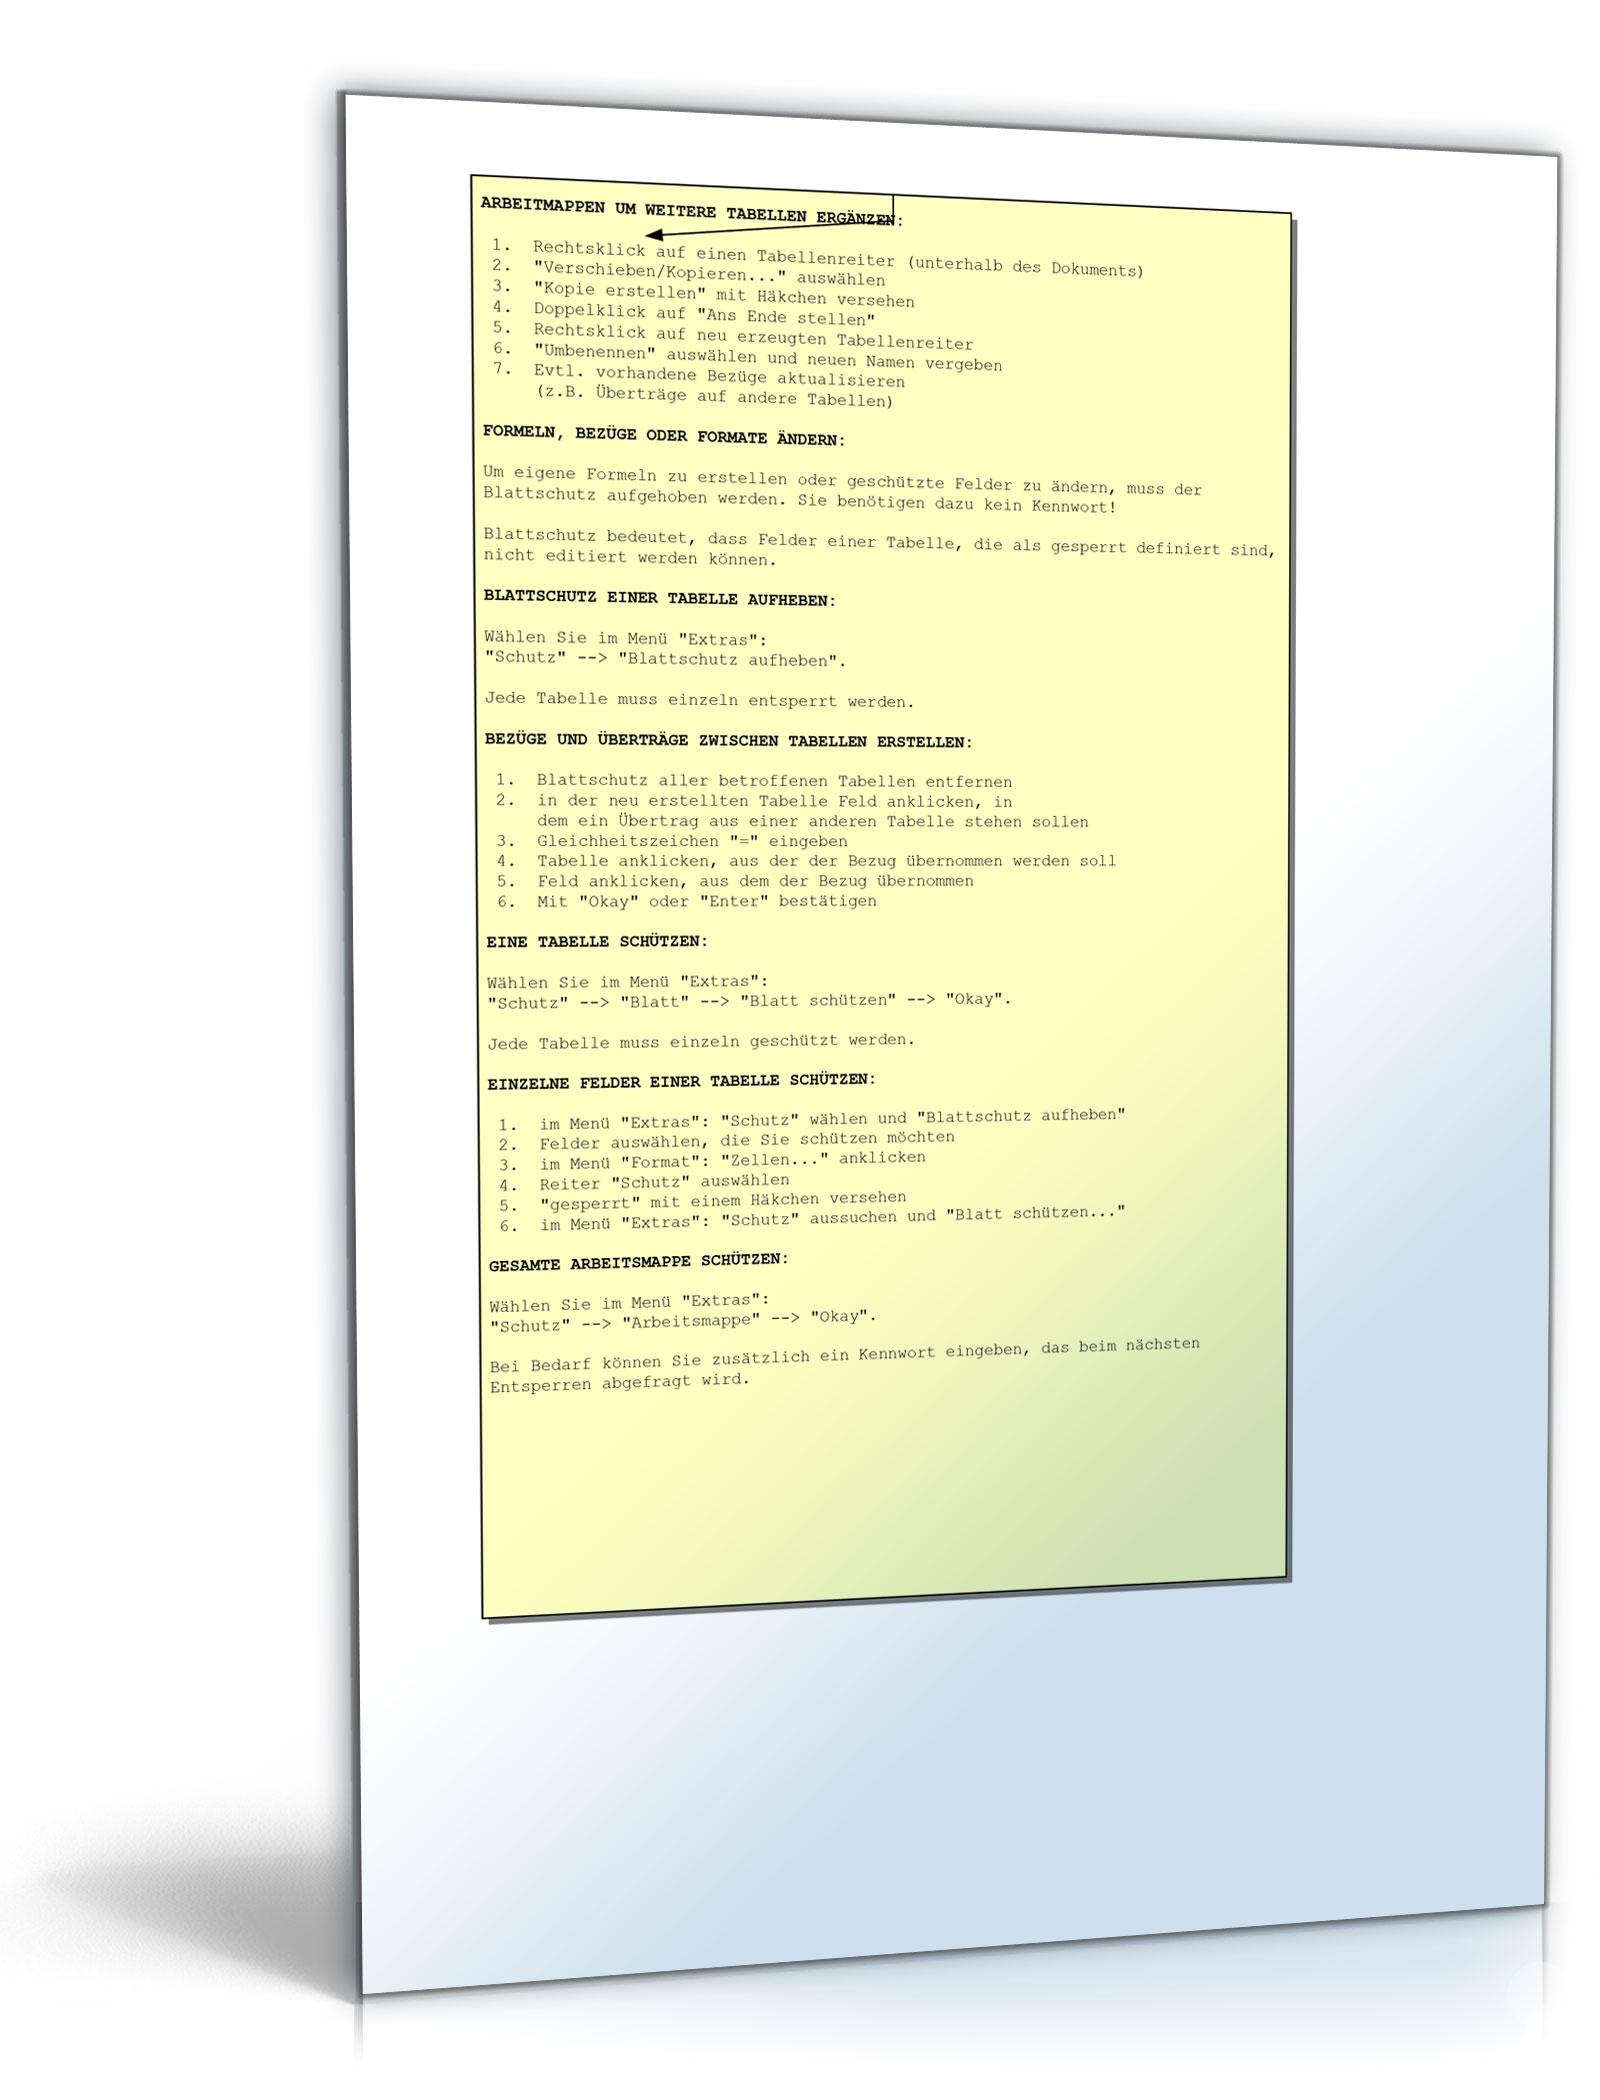 7 verschiedene Rechnungsvorlagen als Excel-Tabelle